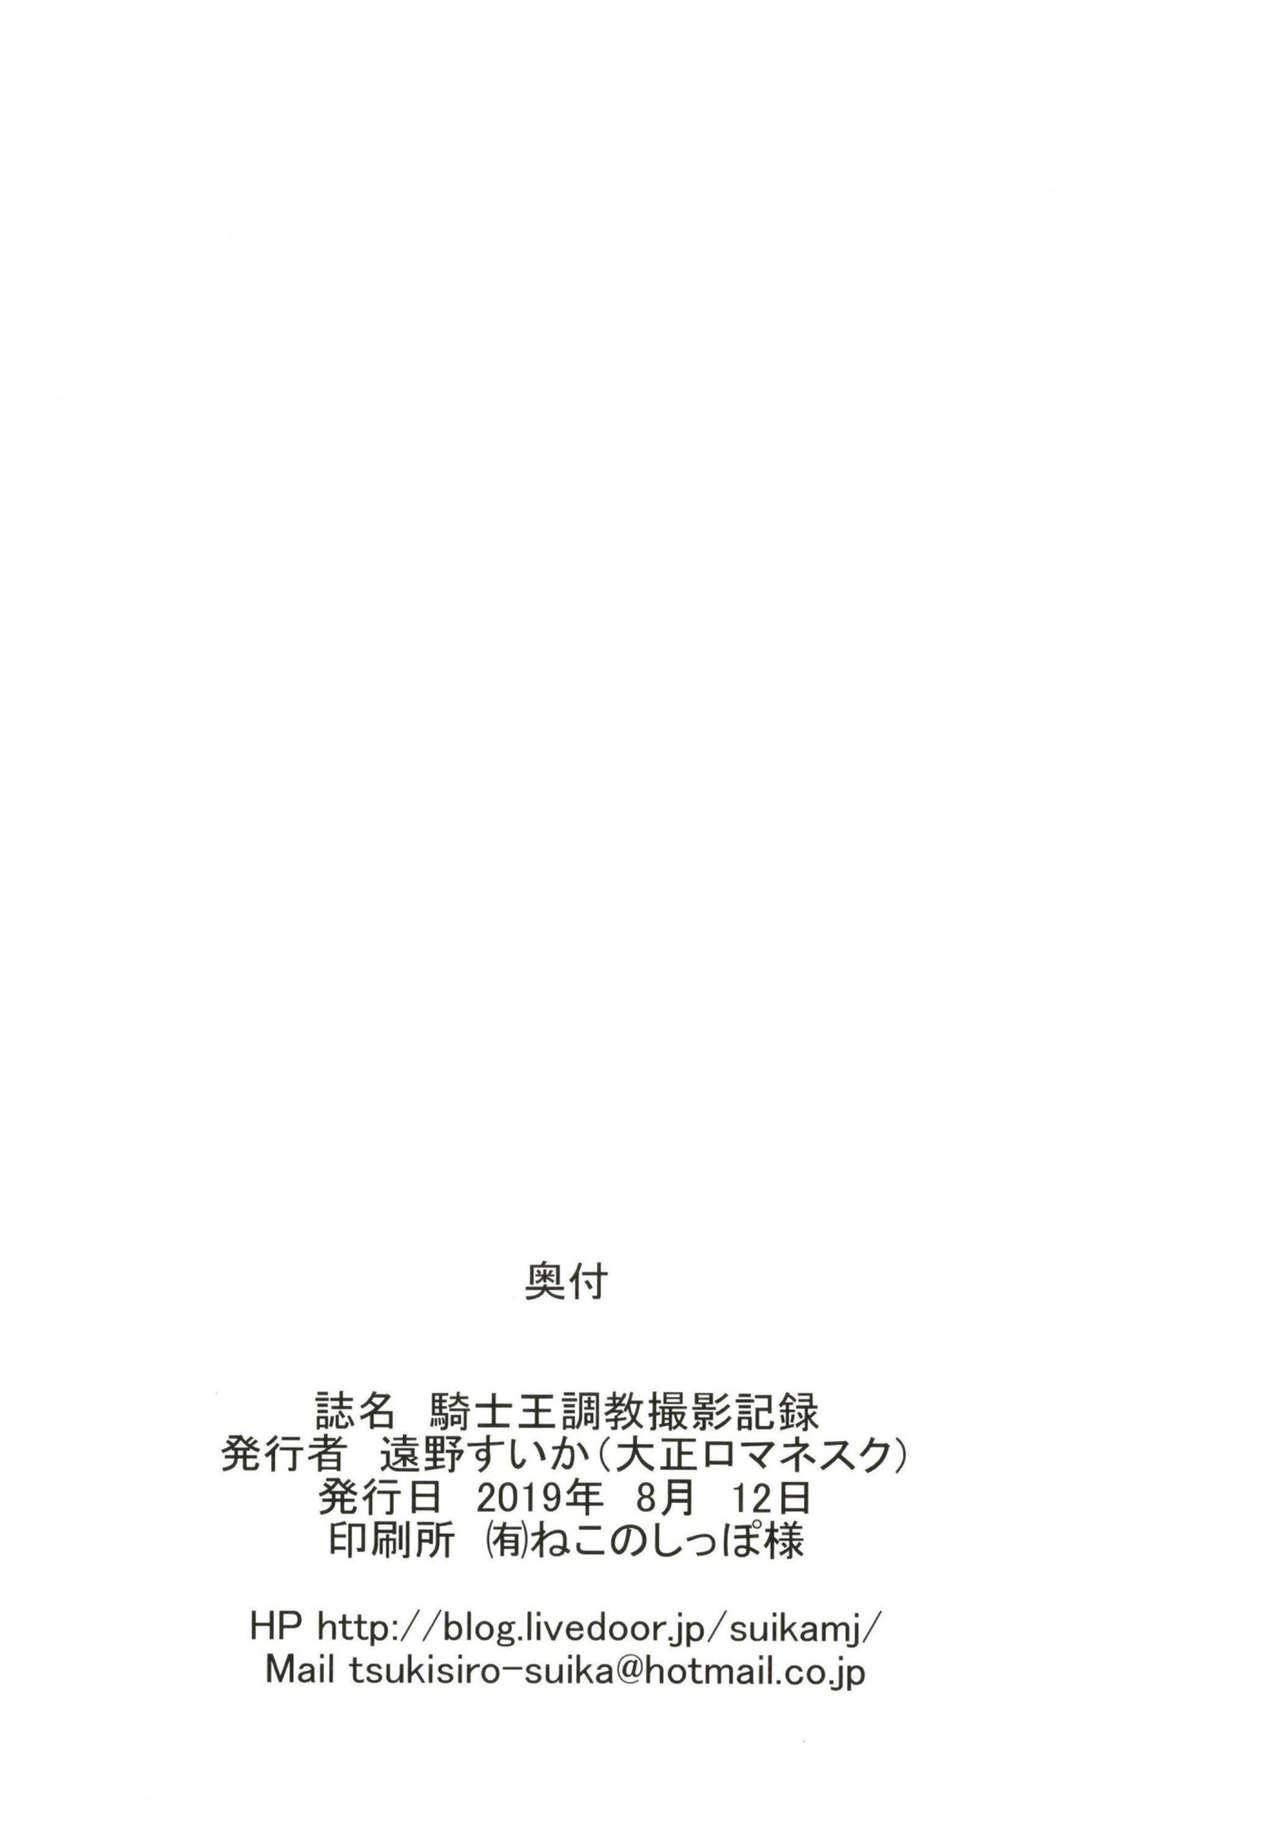 Kishiou Choukyou Satsuei Kiroku 21